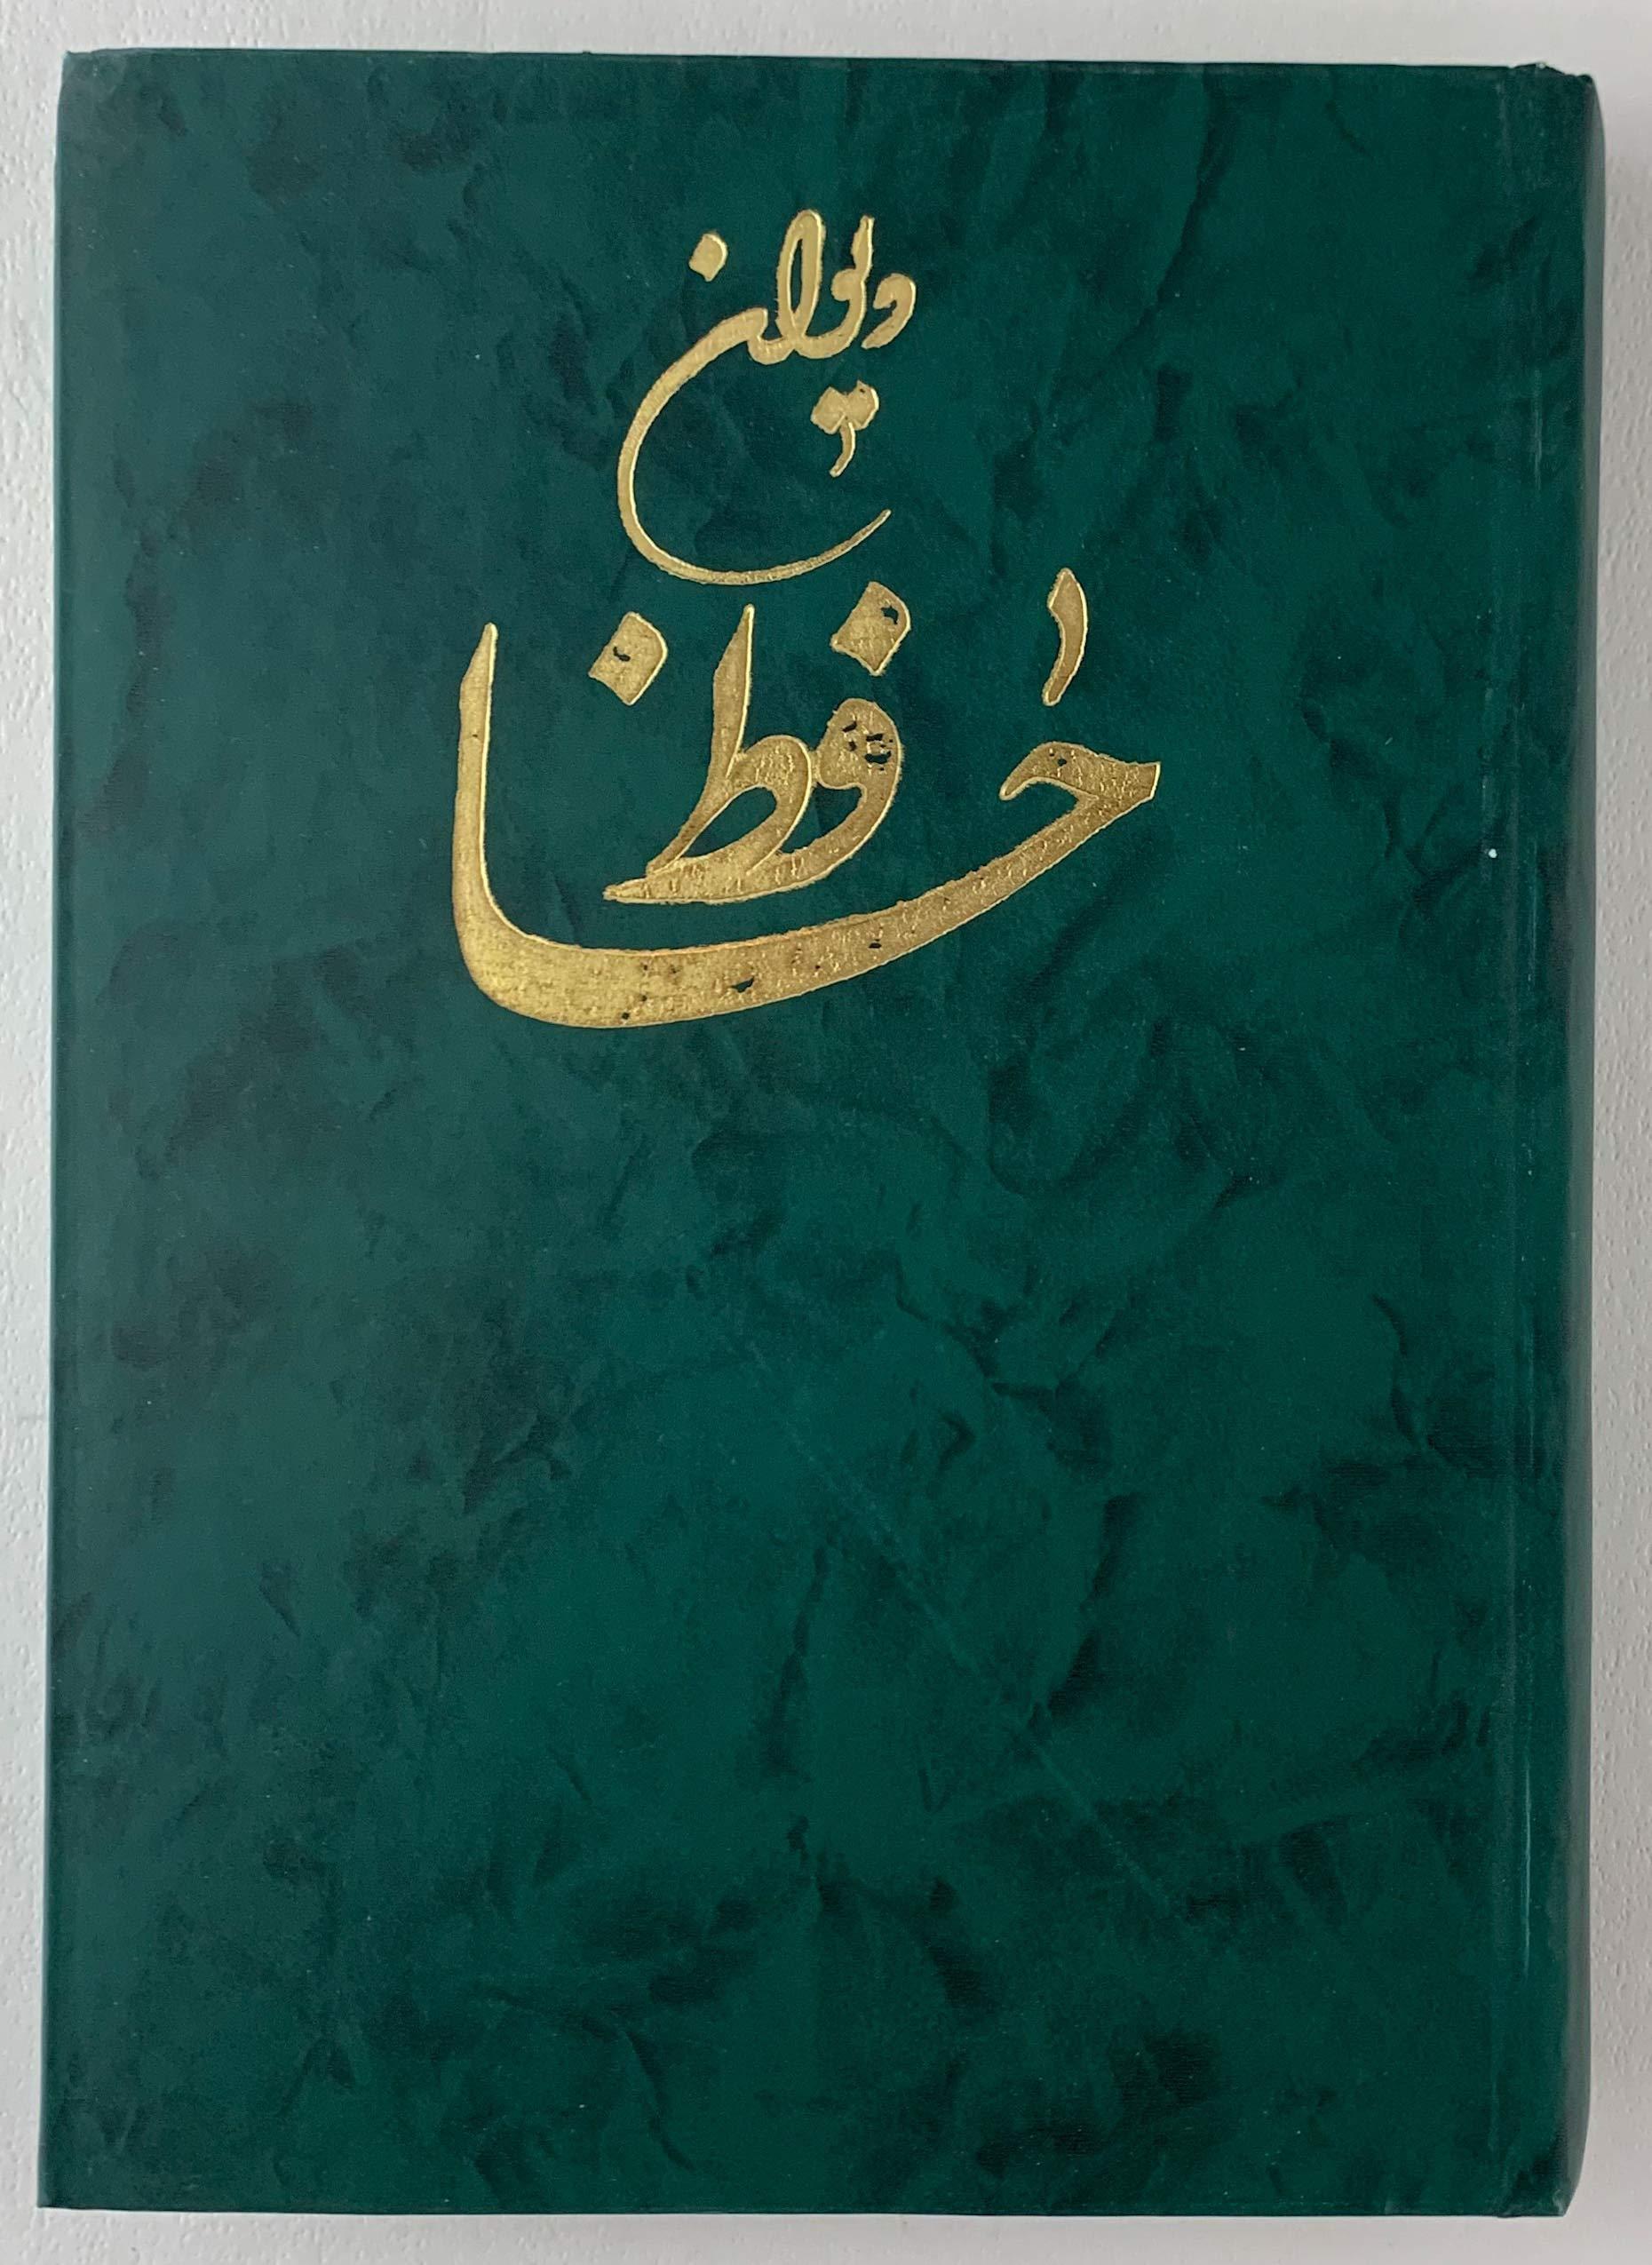 دیوان حافظ شیرازی متن کامل Divan Of Hafez Sasanonlinebookstore شمس الدین محمد حافظ شیرازی Amazon Com Books